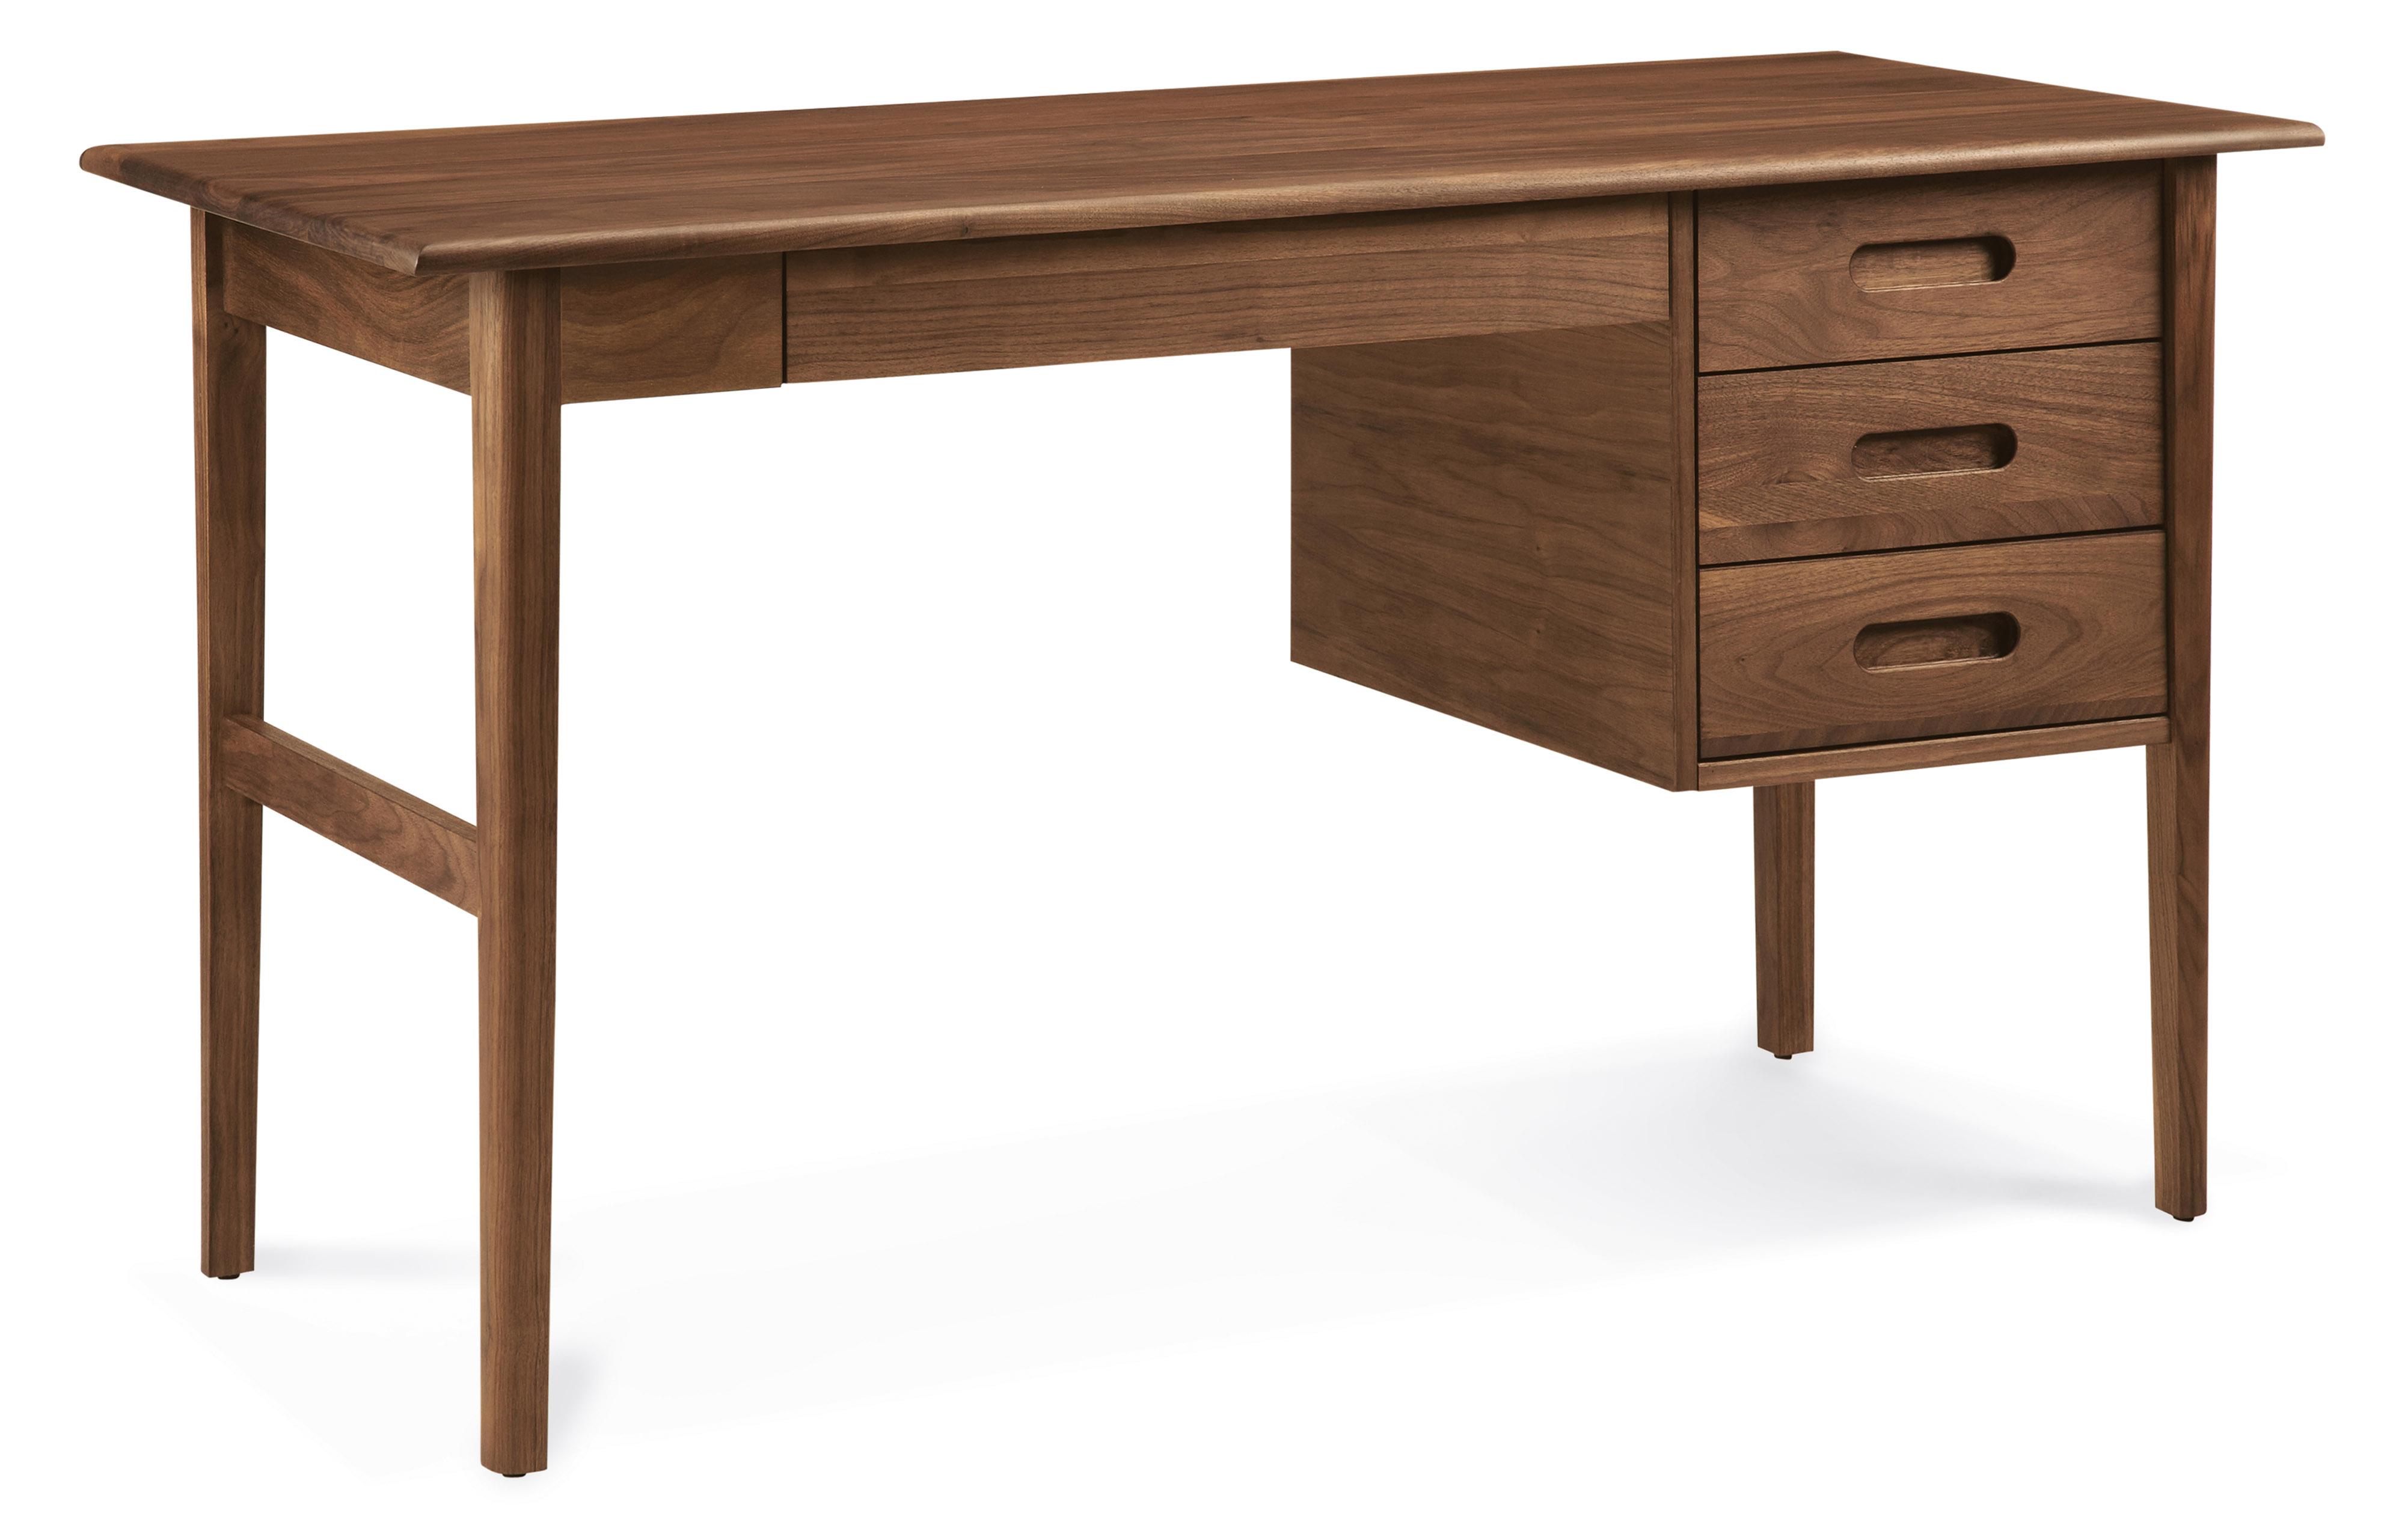 Walnut Henning desk.